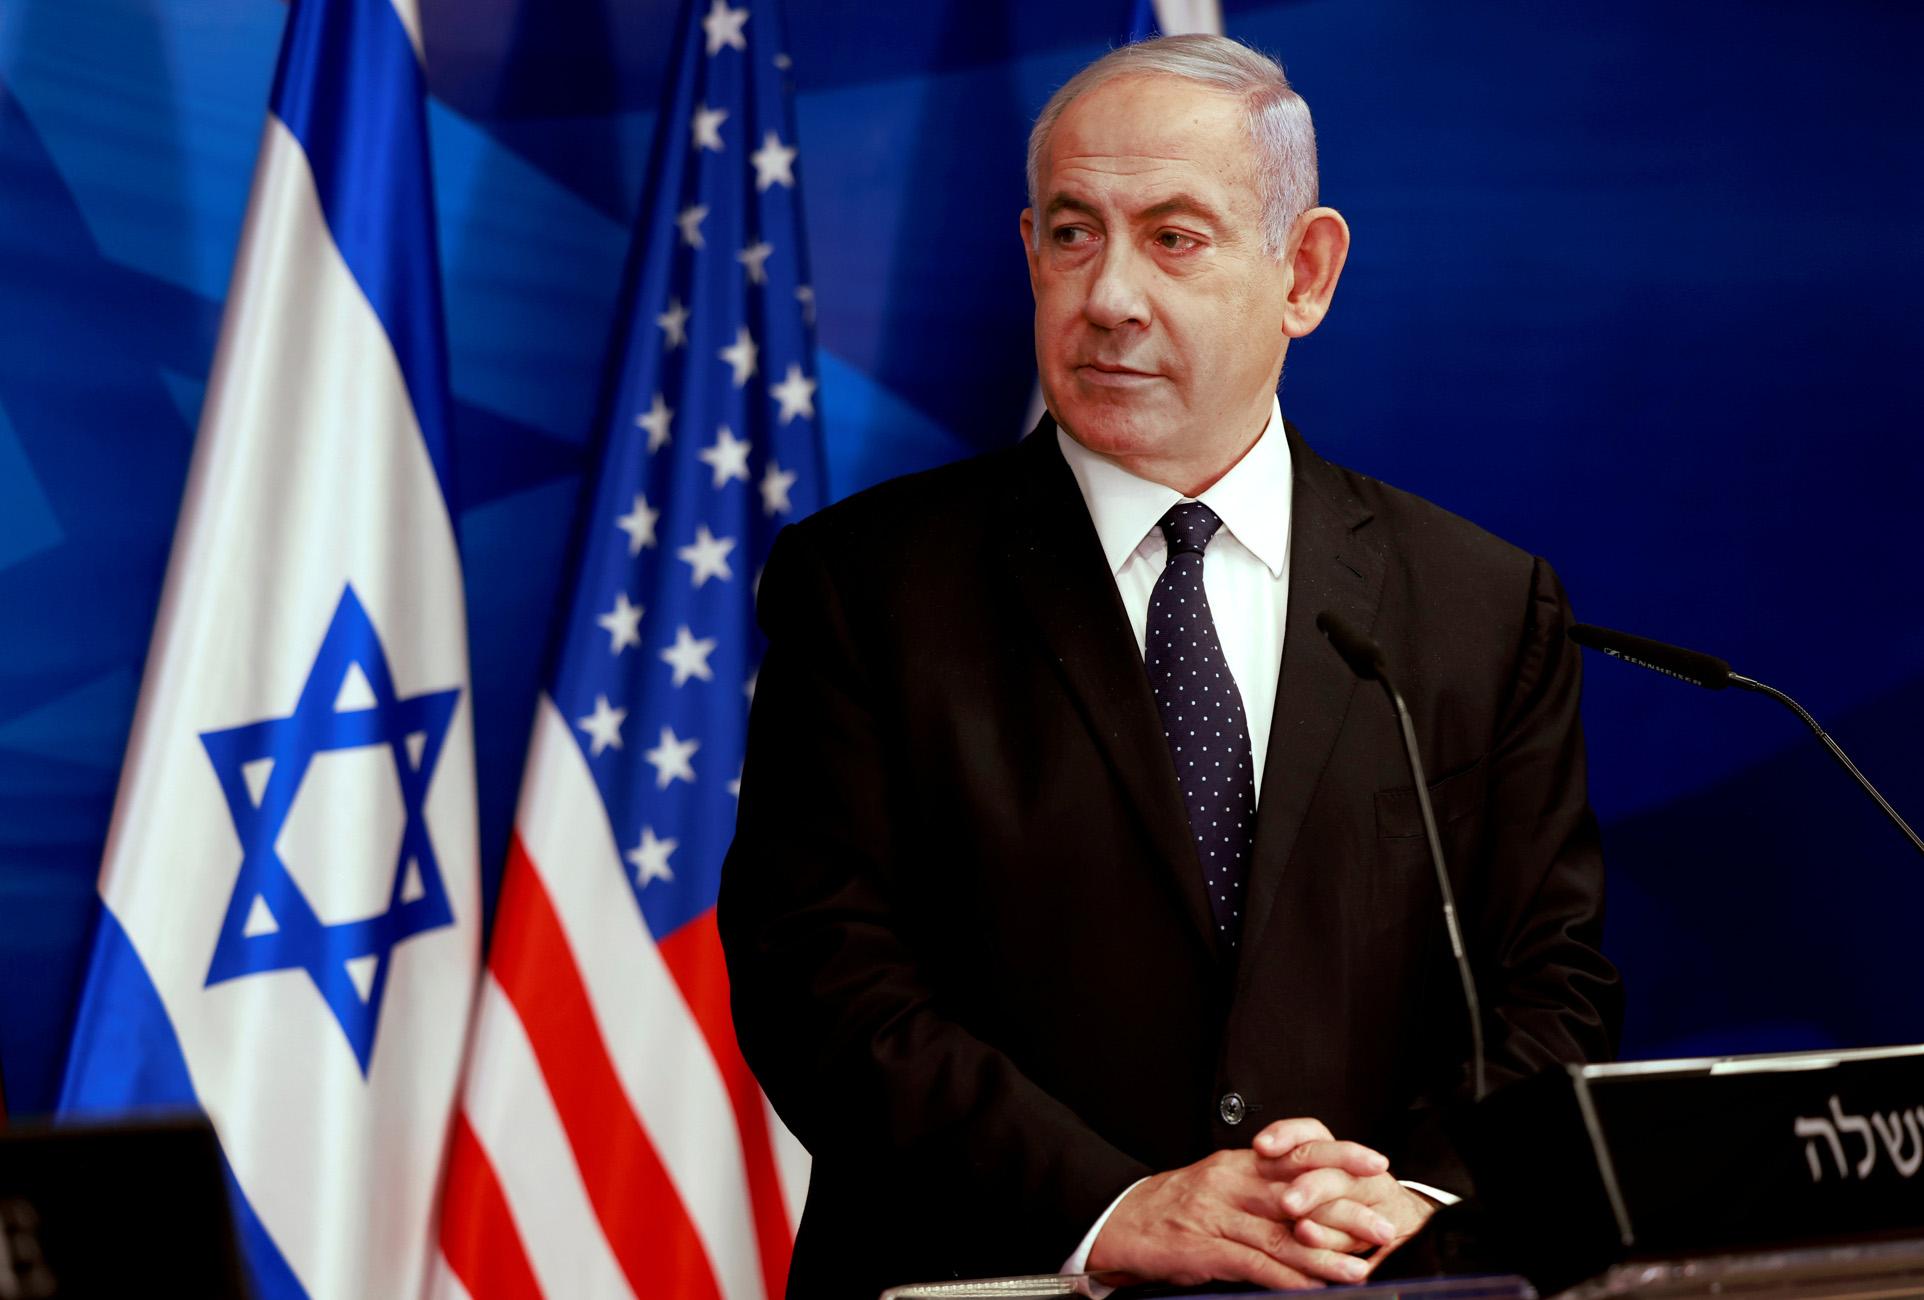 Νετανιάχου: Αν η Χαμάς σπάσει την εκεχειρία η απάντηση θα είναι σκληρή